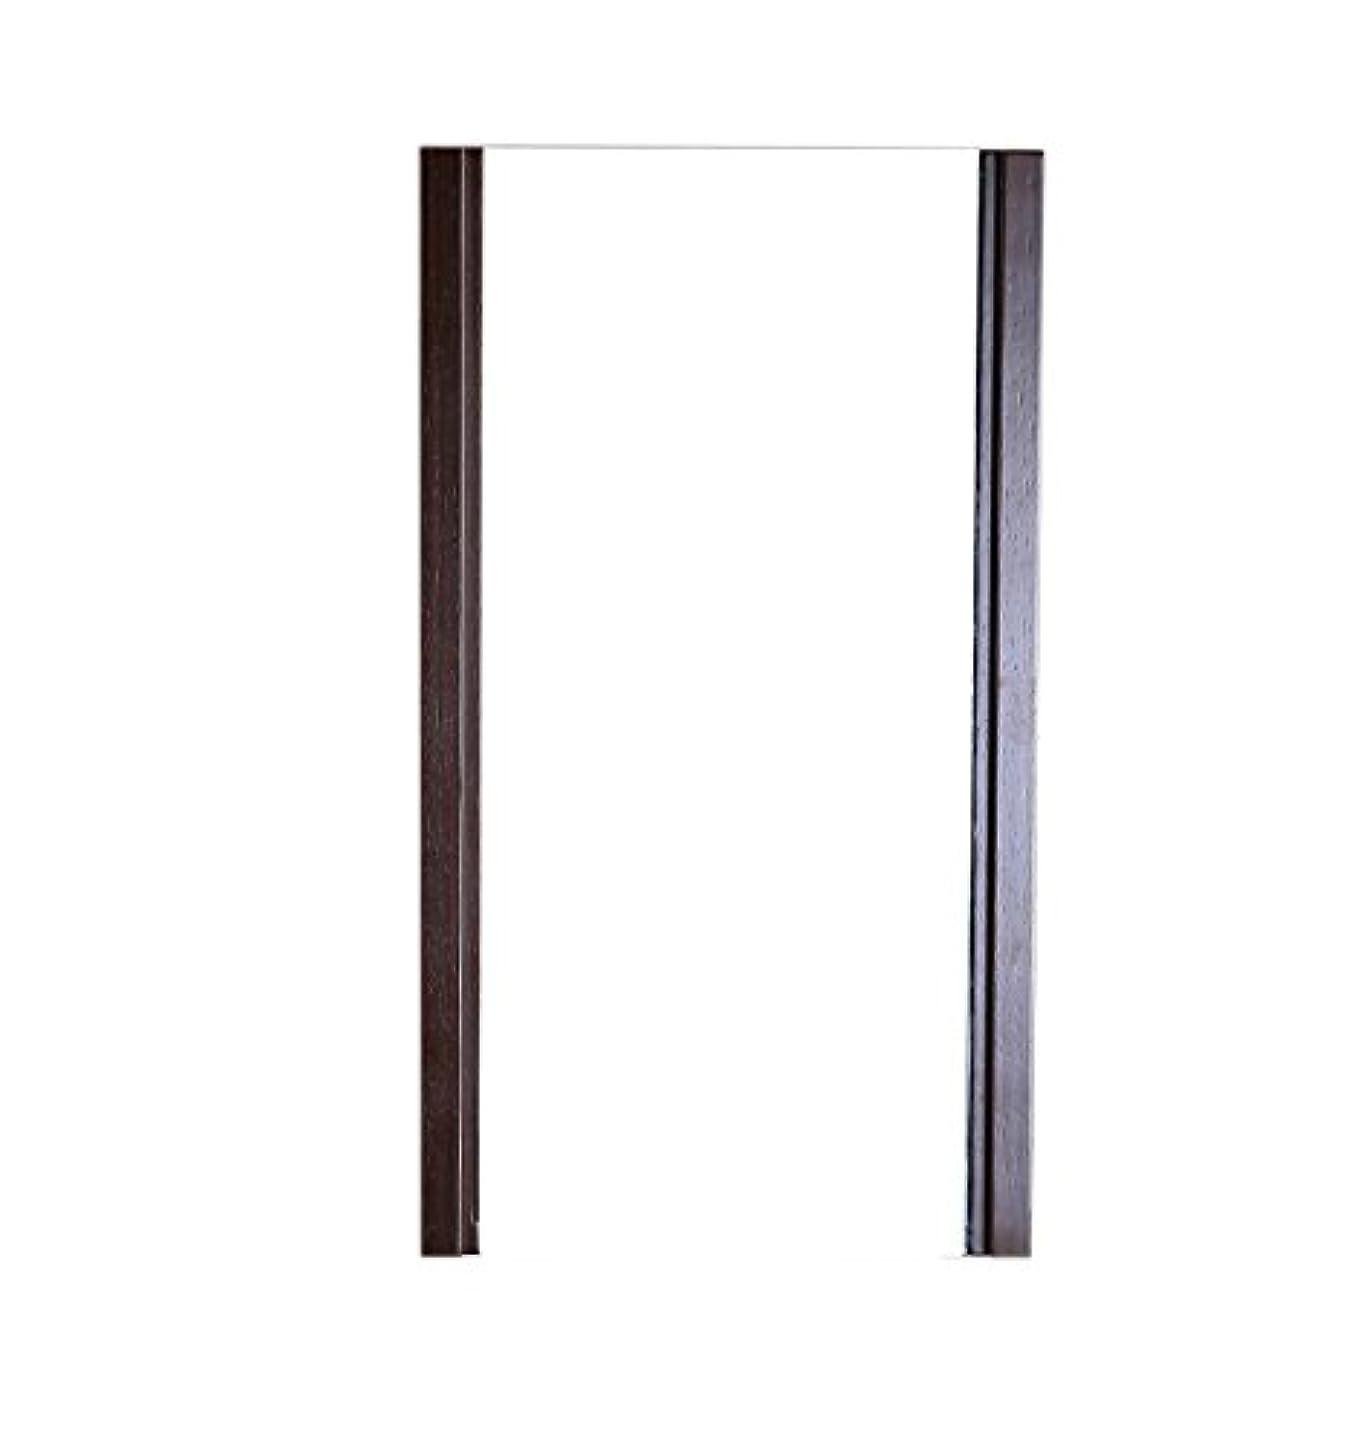 禁じるジャベスウィルソンペインBellaterra Home Wood Frame Mirror, Finished in Wenge Color by Bellaterra Home